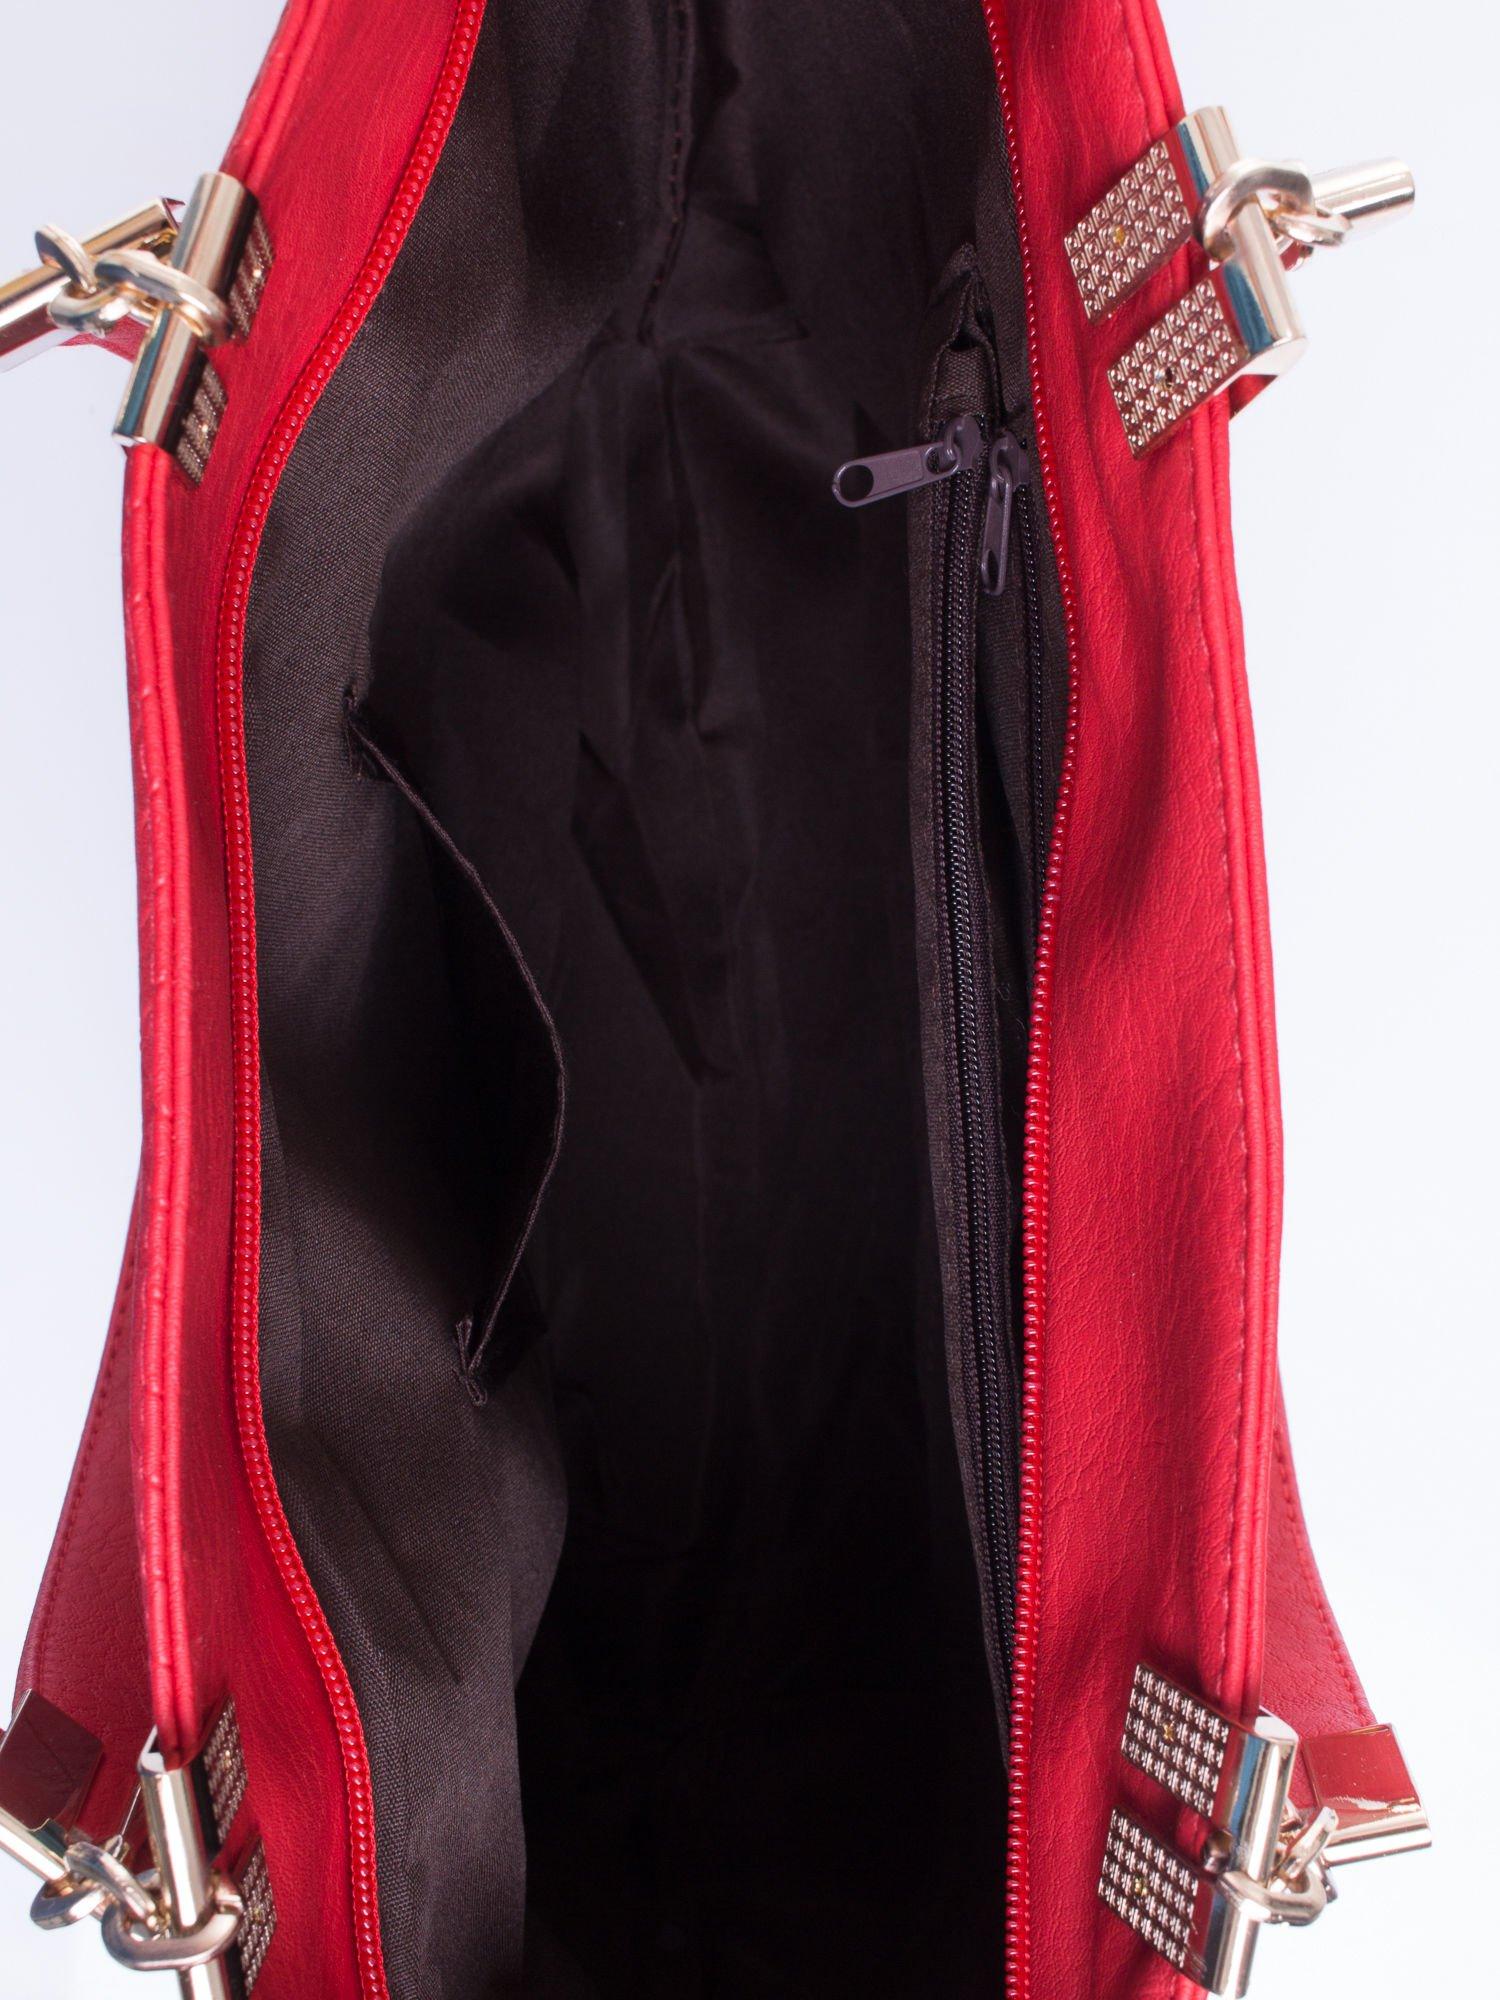 Czerwona fakturowana torebka damska ze złotymi okuciami                                  zdj.                                  5